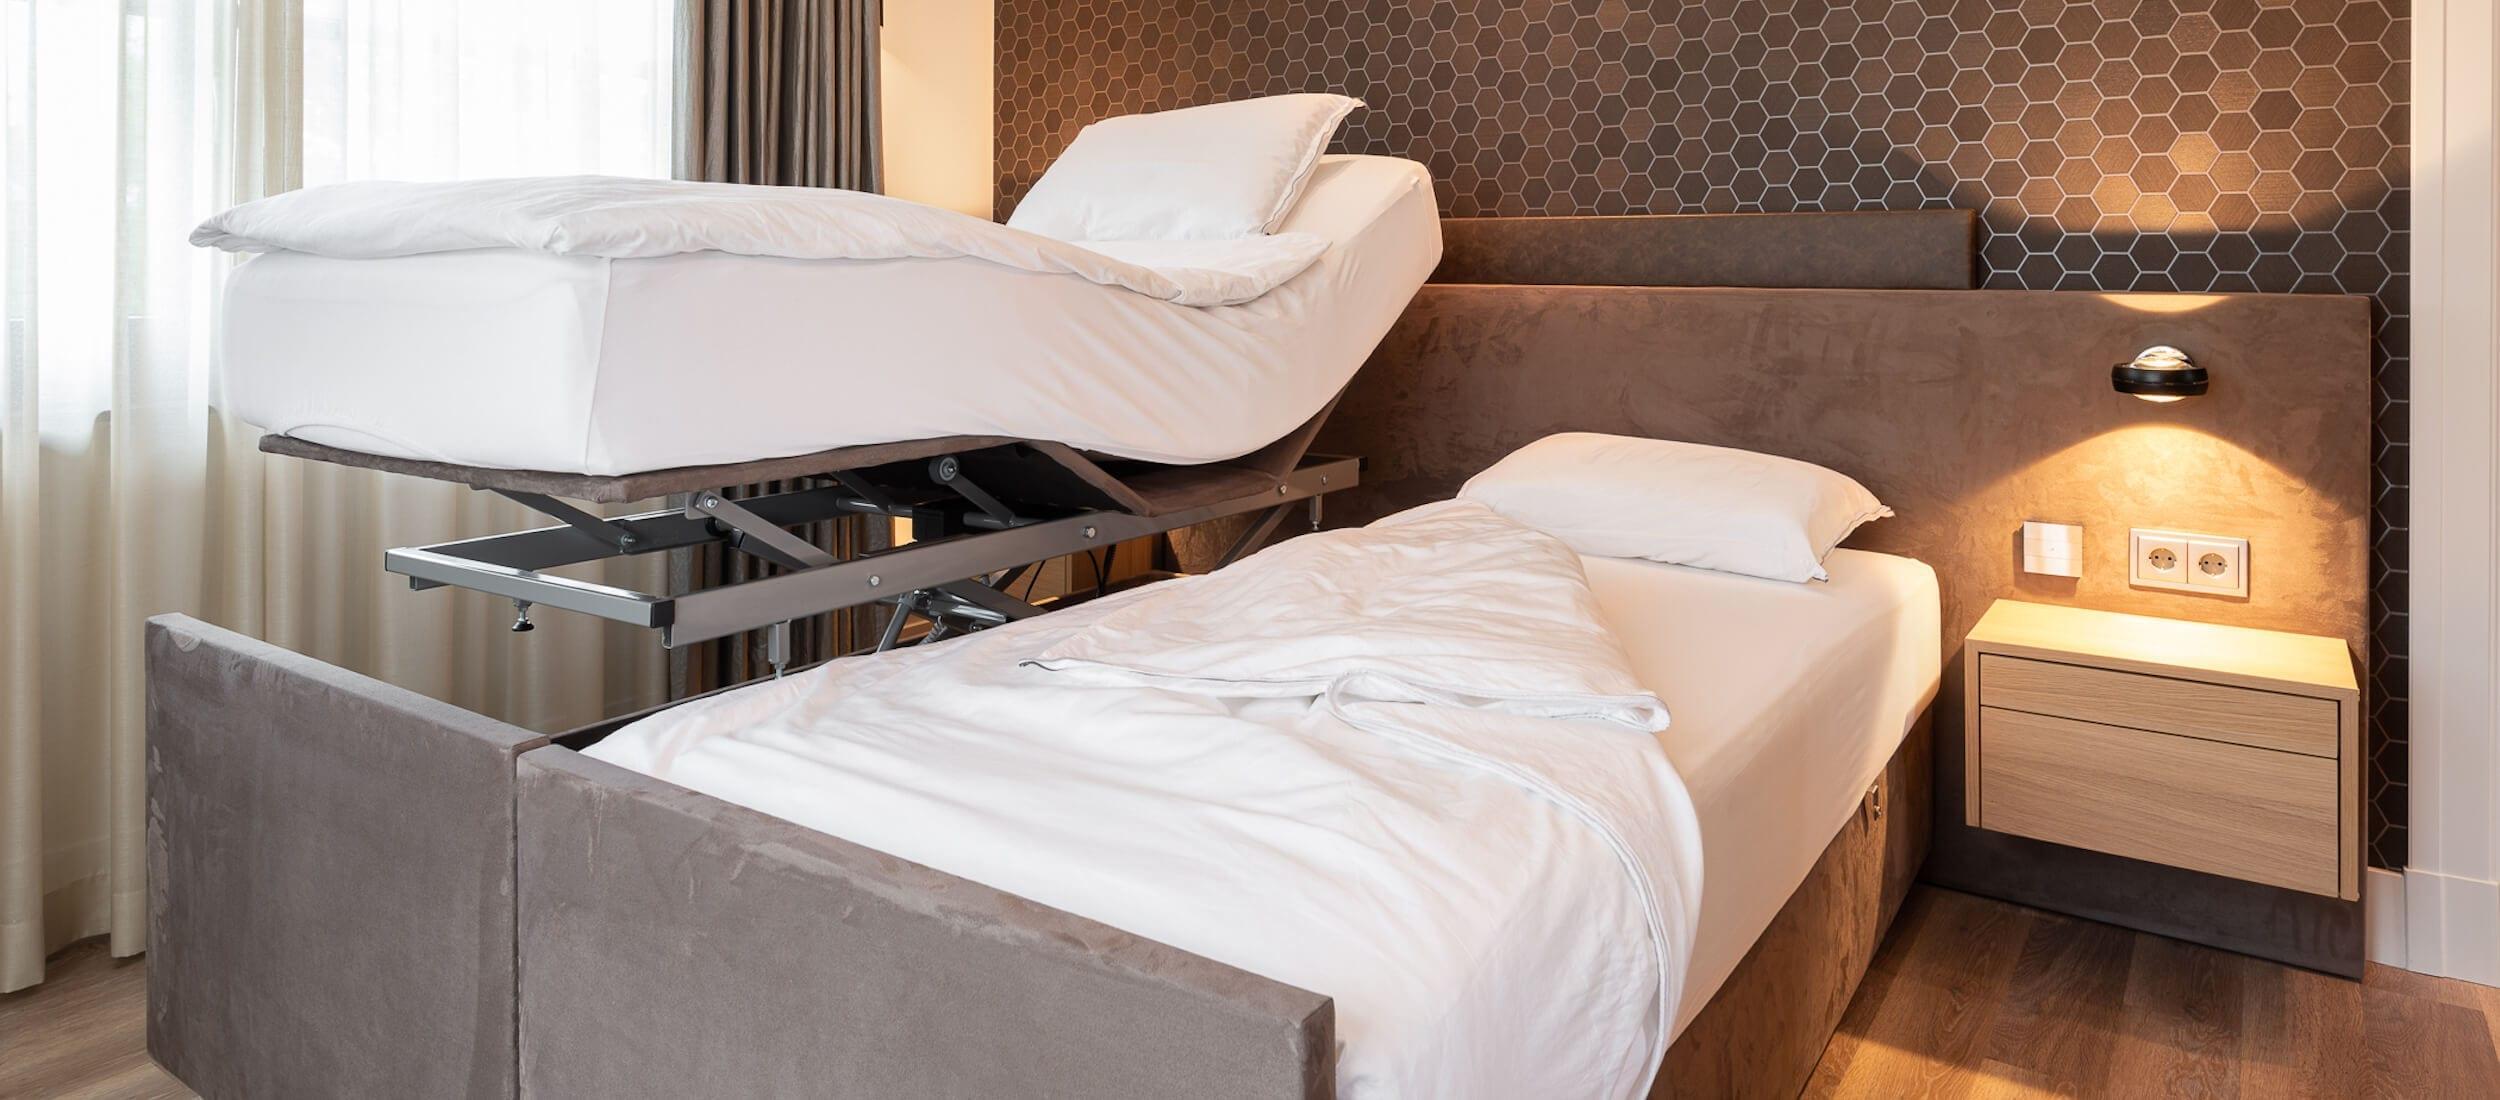 Hoog laag bed met ombouw in een slaapkamer met lamp aan.